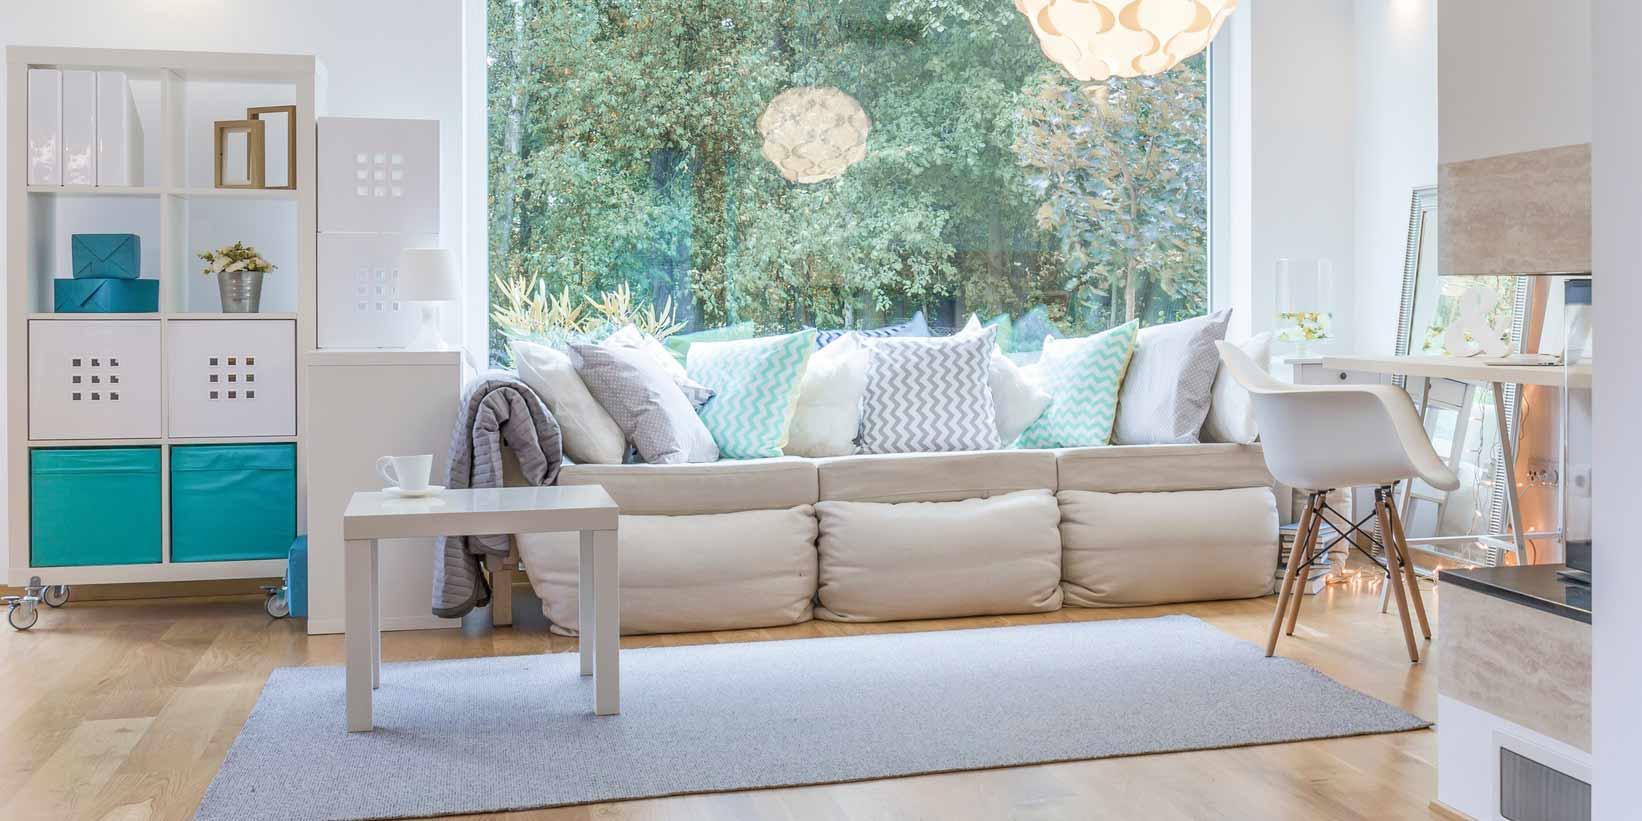 Nordischer Charme – skandinavischer Einrichtungsstil bei Möbel Jack